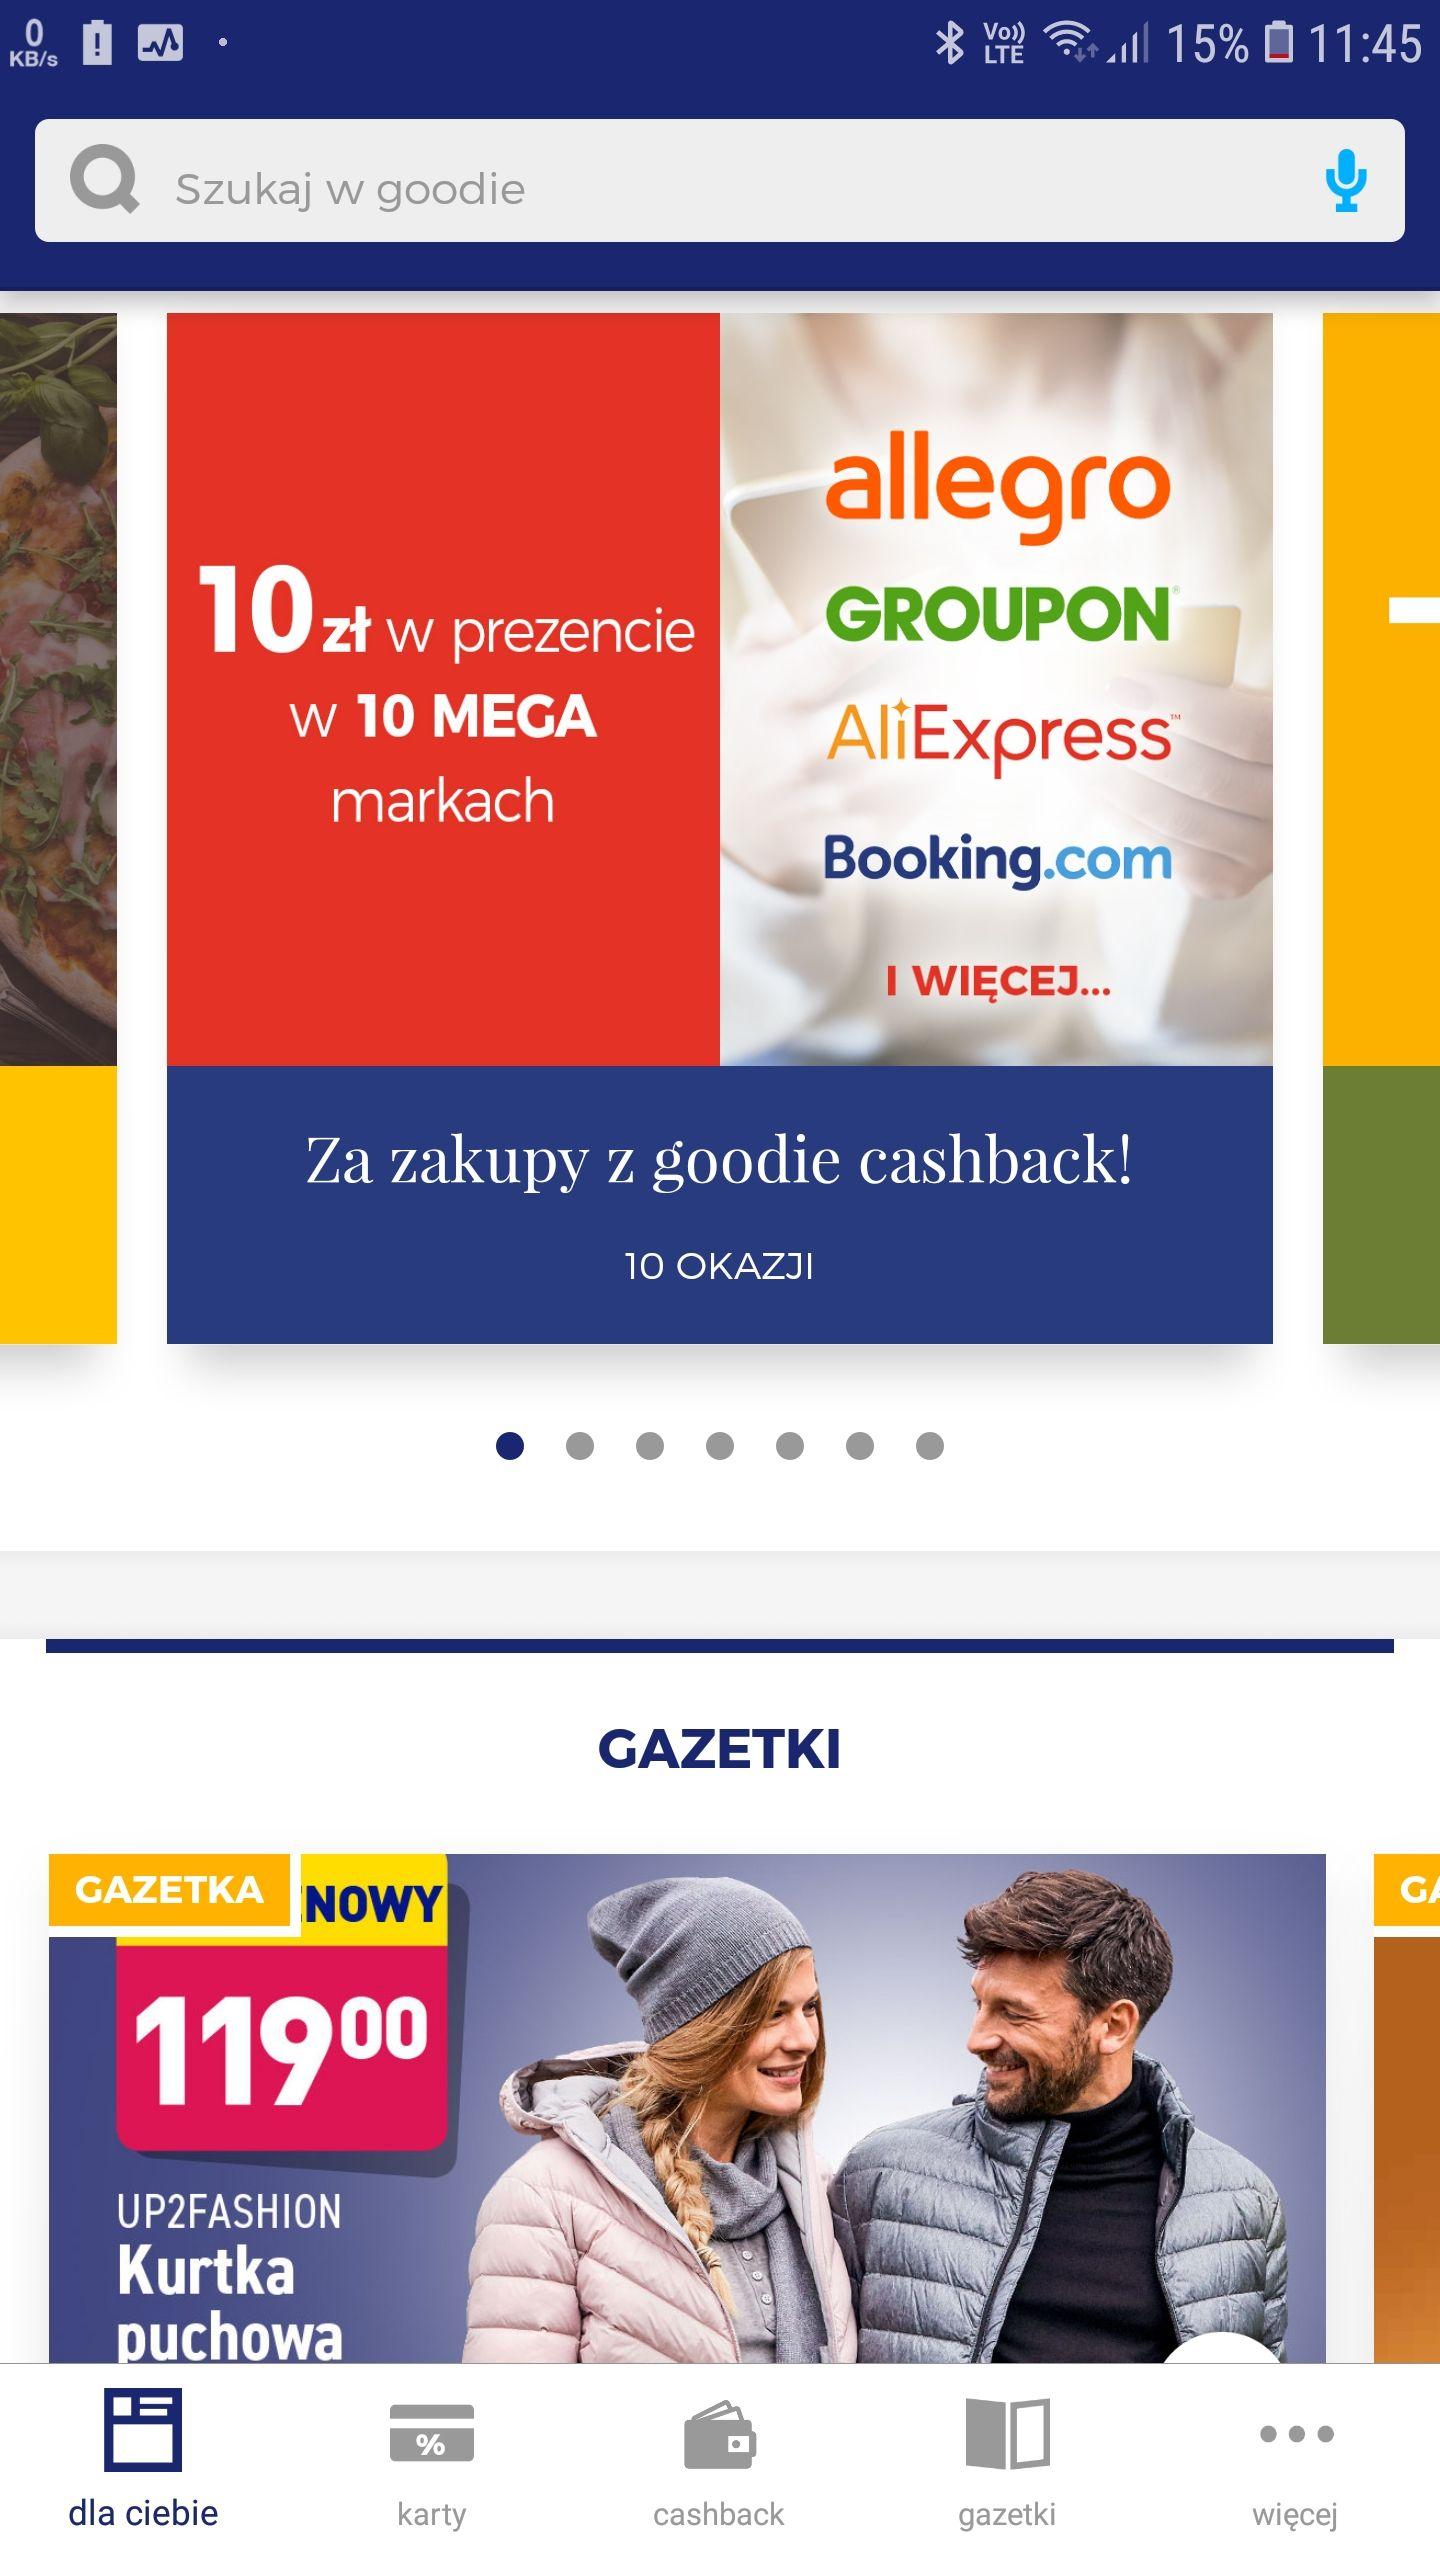 10zł za zakupy na Allegro, AliExpress, Pyszne.pl i w 7 innych sklepach